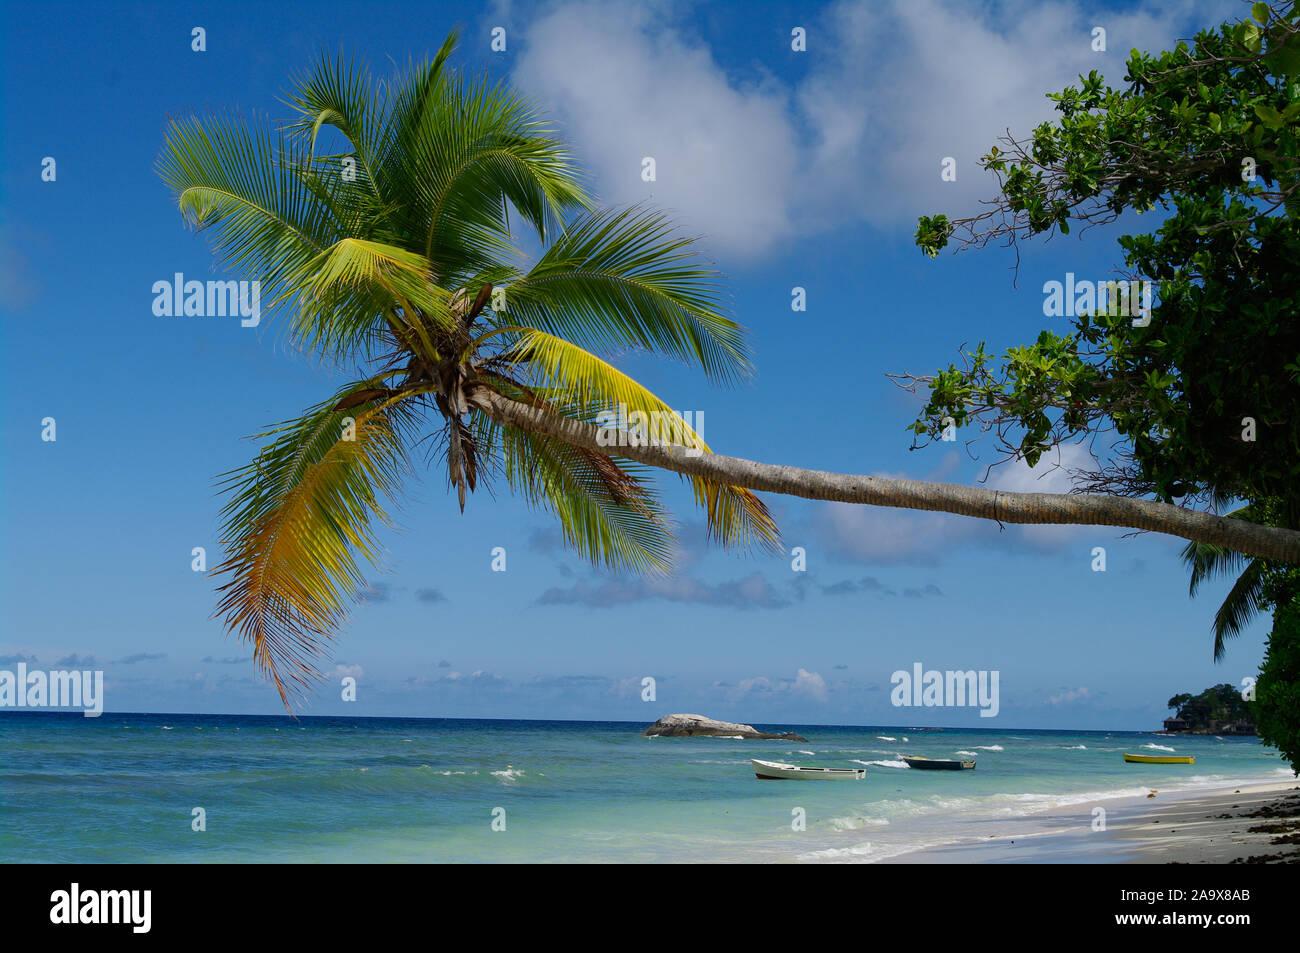 Schattiger Platz zum Entspannen unter einer Palme am Beau Vallon Strand mit Granitfelsen, tropisches Paradies an der Nordkueste der Hauptinsel Mahe, S Stock Photo